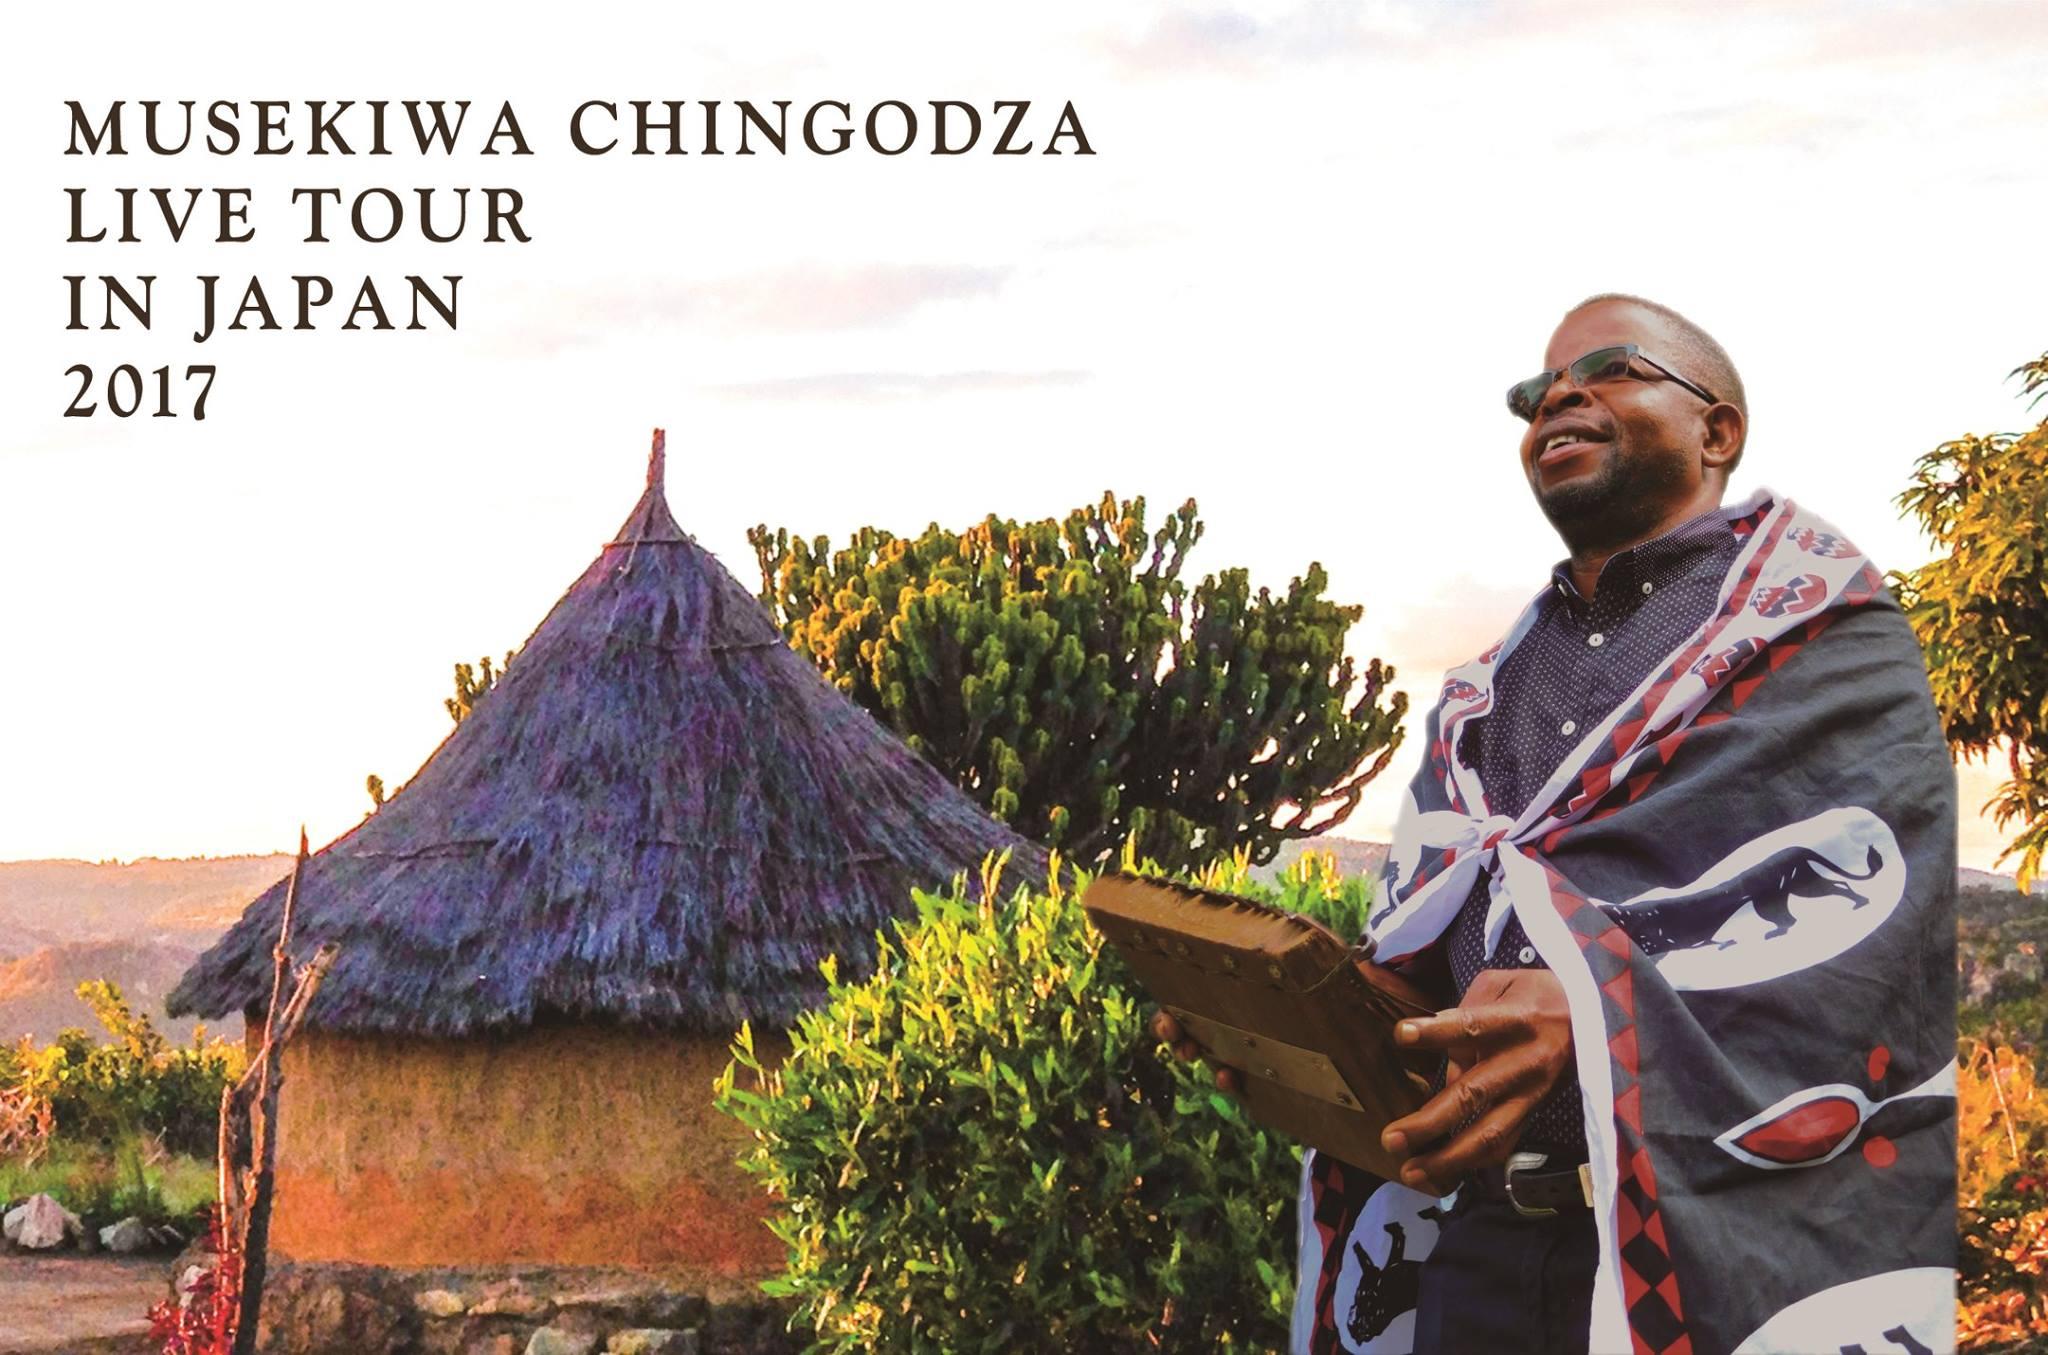 アフリカウィークス@亀時間 8月19日(土)ジンバブエより初来日! ムビラ奏者ムセキワ・チンゴーザ ライヴ